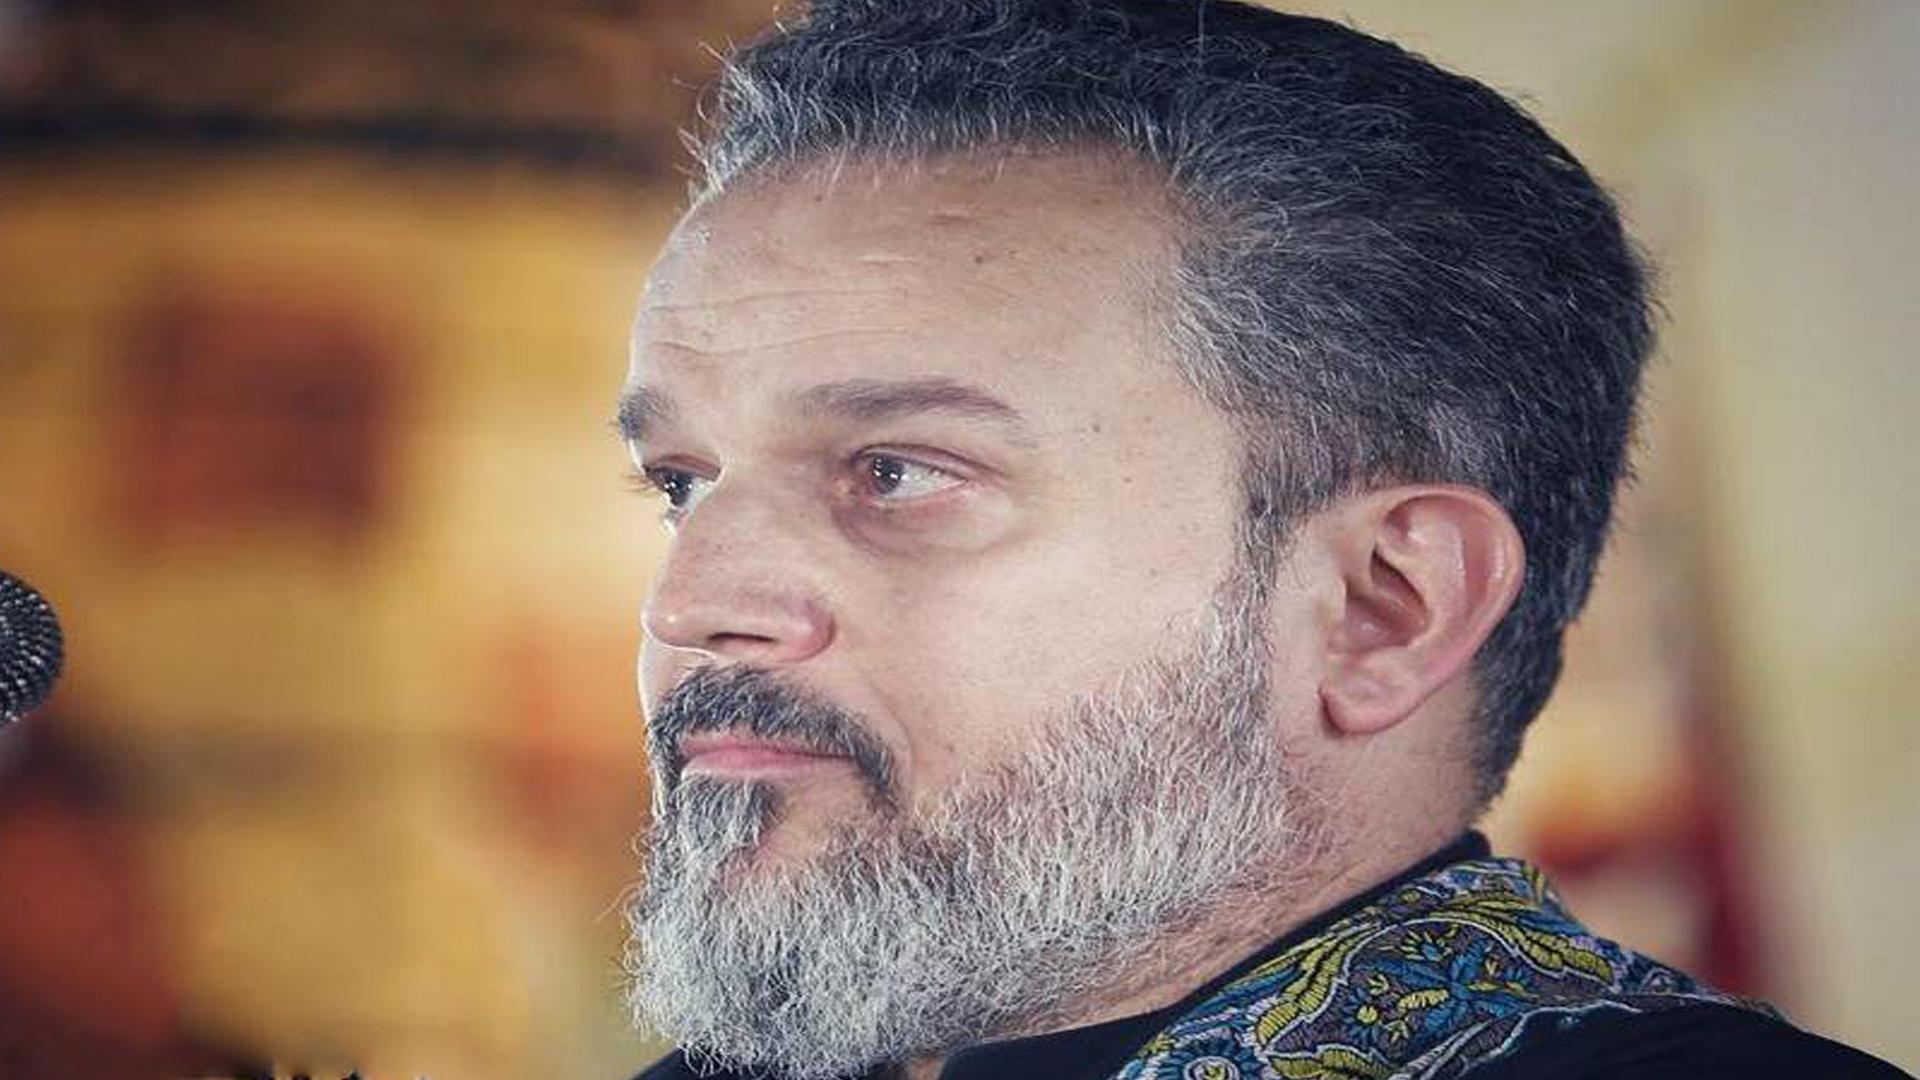 Yeni Mərsiyələr | Basem Kərbəlayi | 2017 | İlkdəfə YA-ƏLİ saytında |